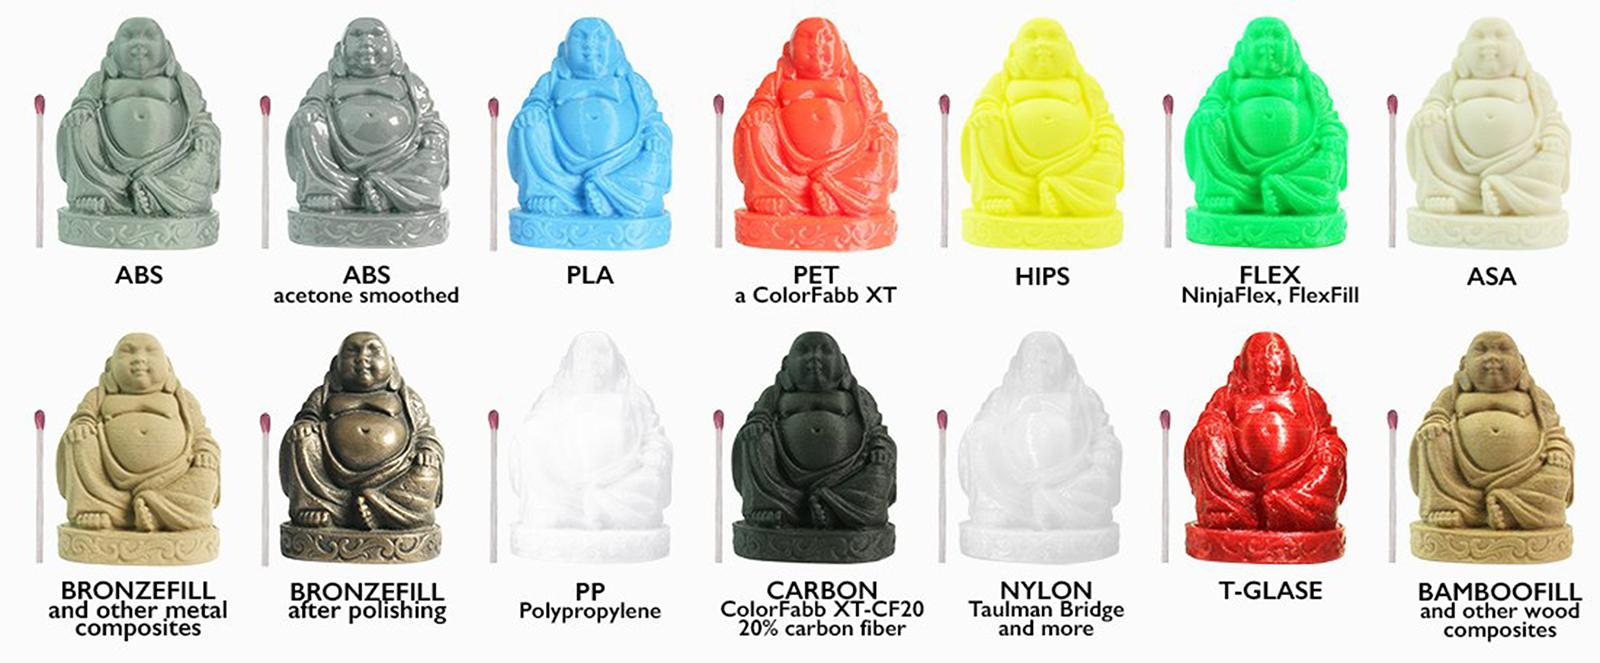 BuddhaUpdate